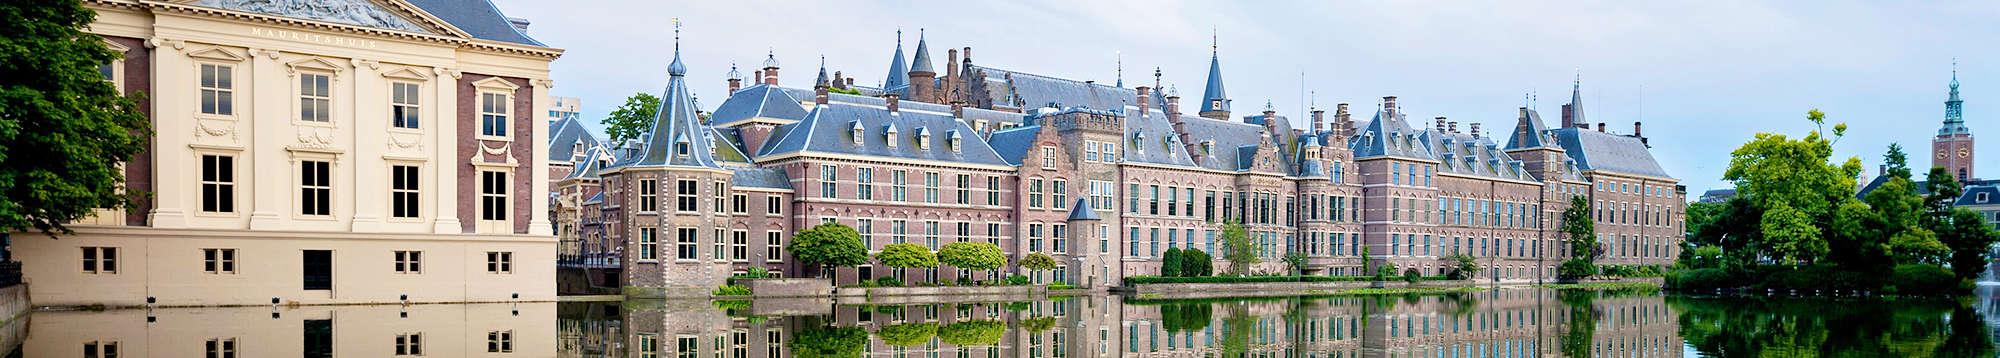 Week-end et séjour La Haye